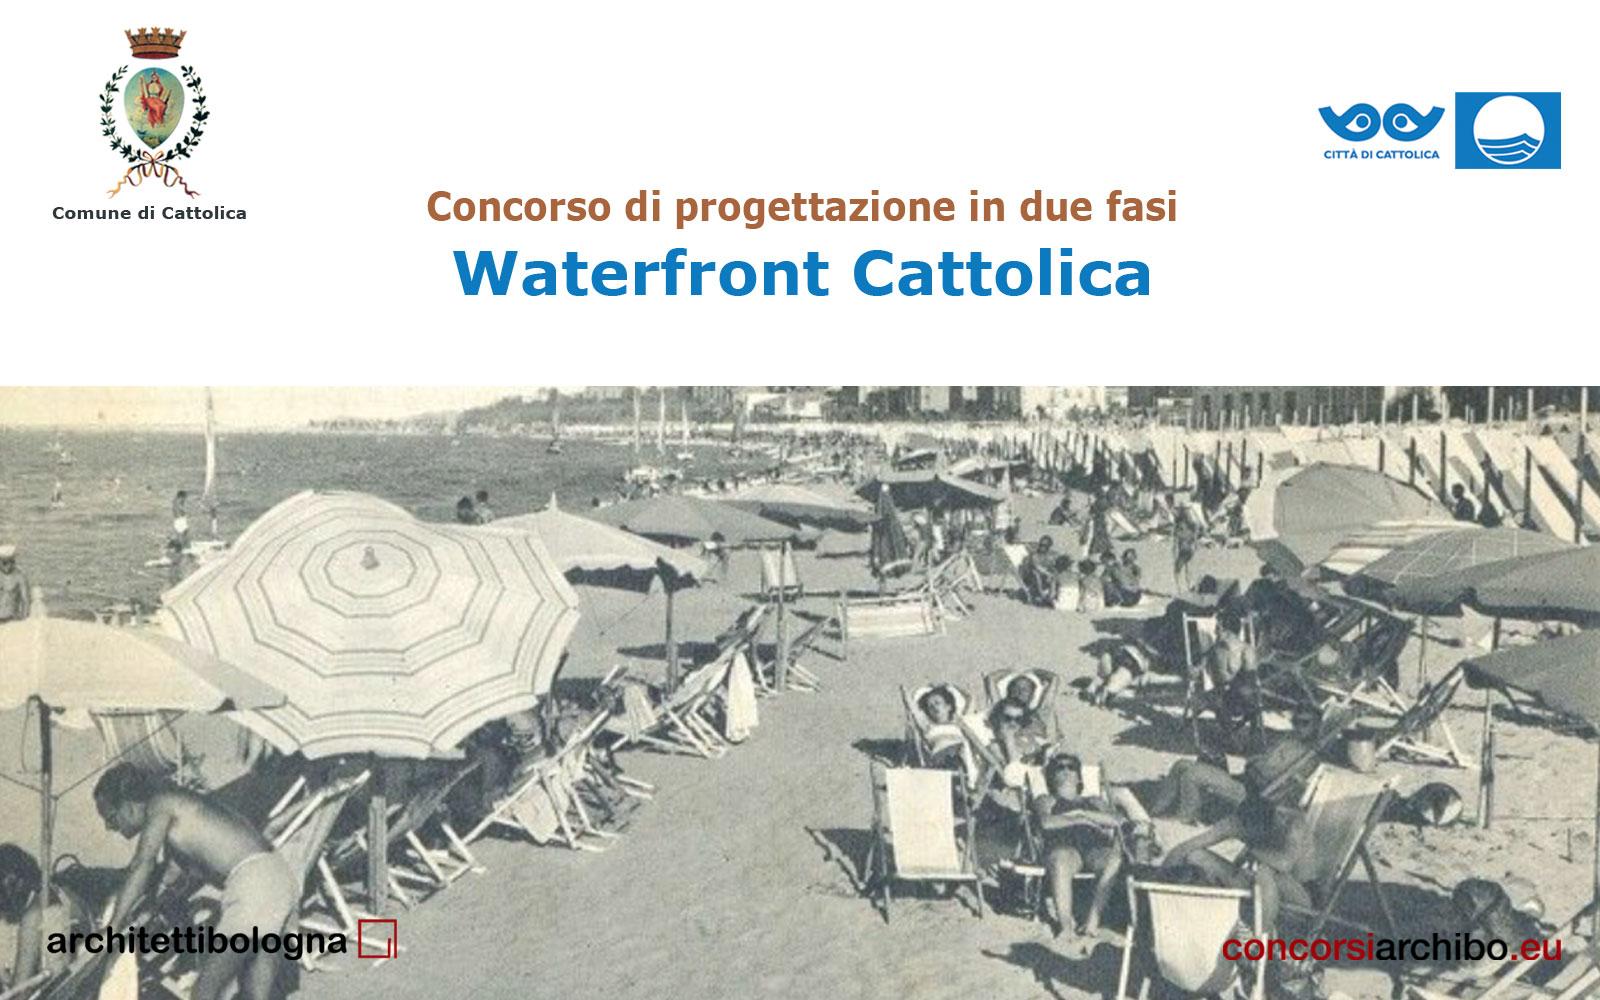 Comune Di Arcugnano Concorsi pubblicato il concorso waterfront cattolica sulla